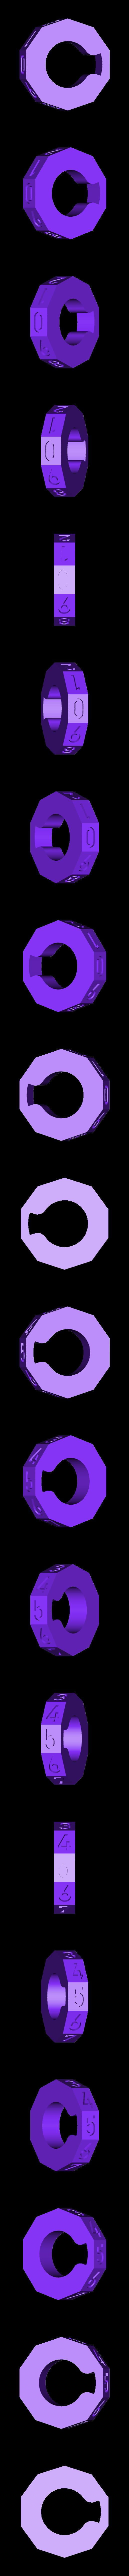 Wheel5.stl Télécharger fichier STL gratuit Kit de verrouillage de permutation personnalisable (verrouillage à combinaison) • Objet pour impression 3D, plasticpasta